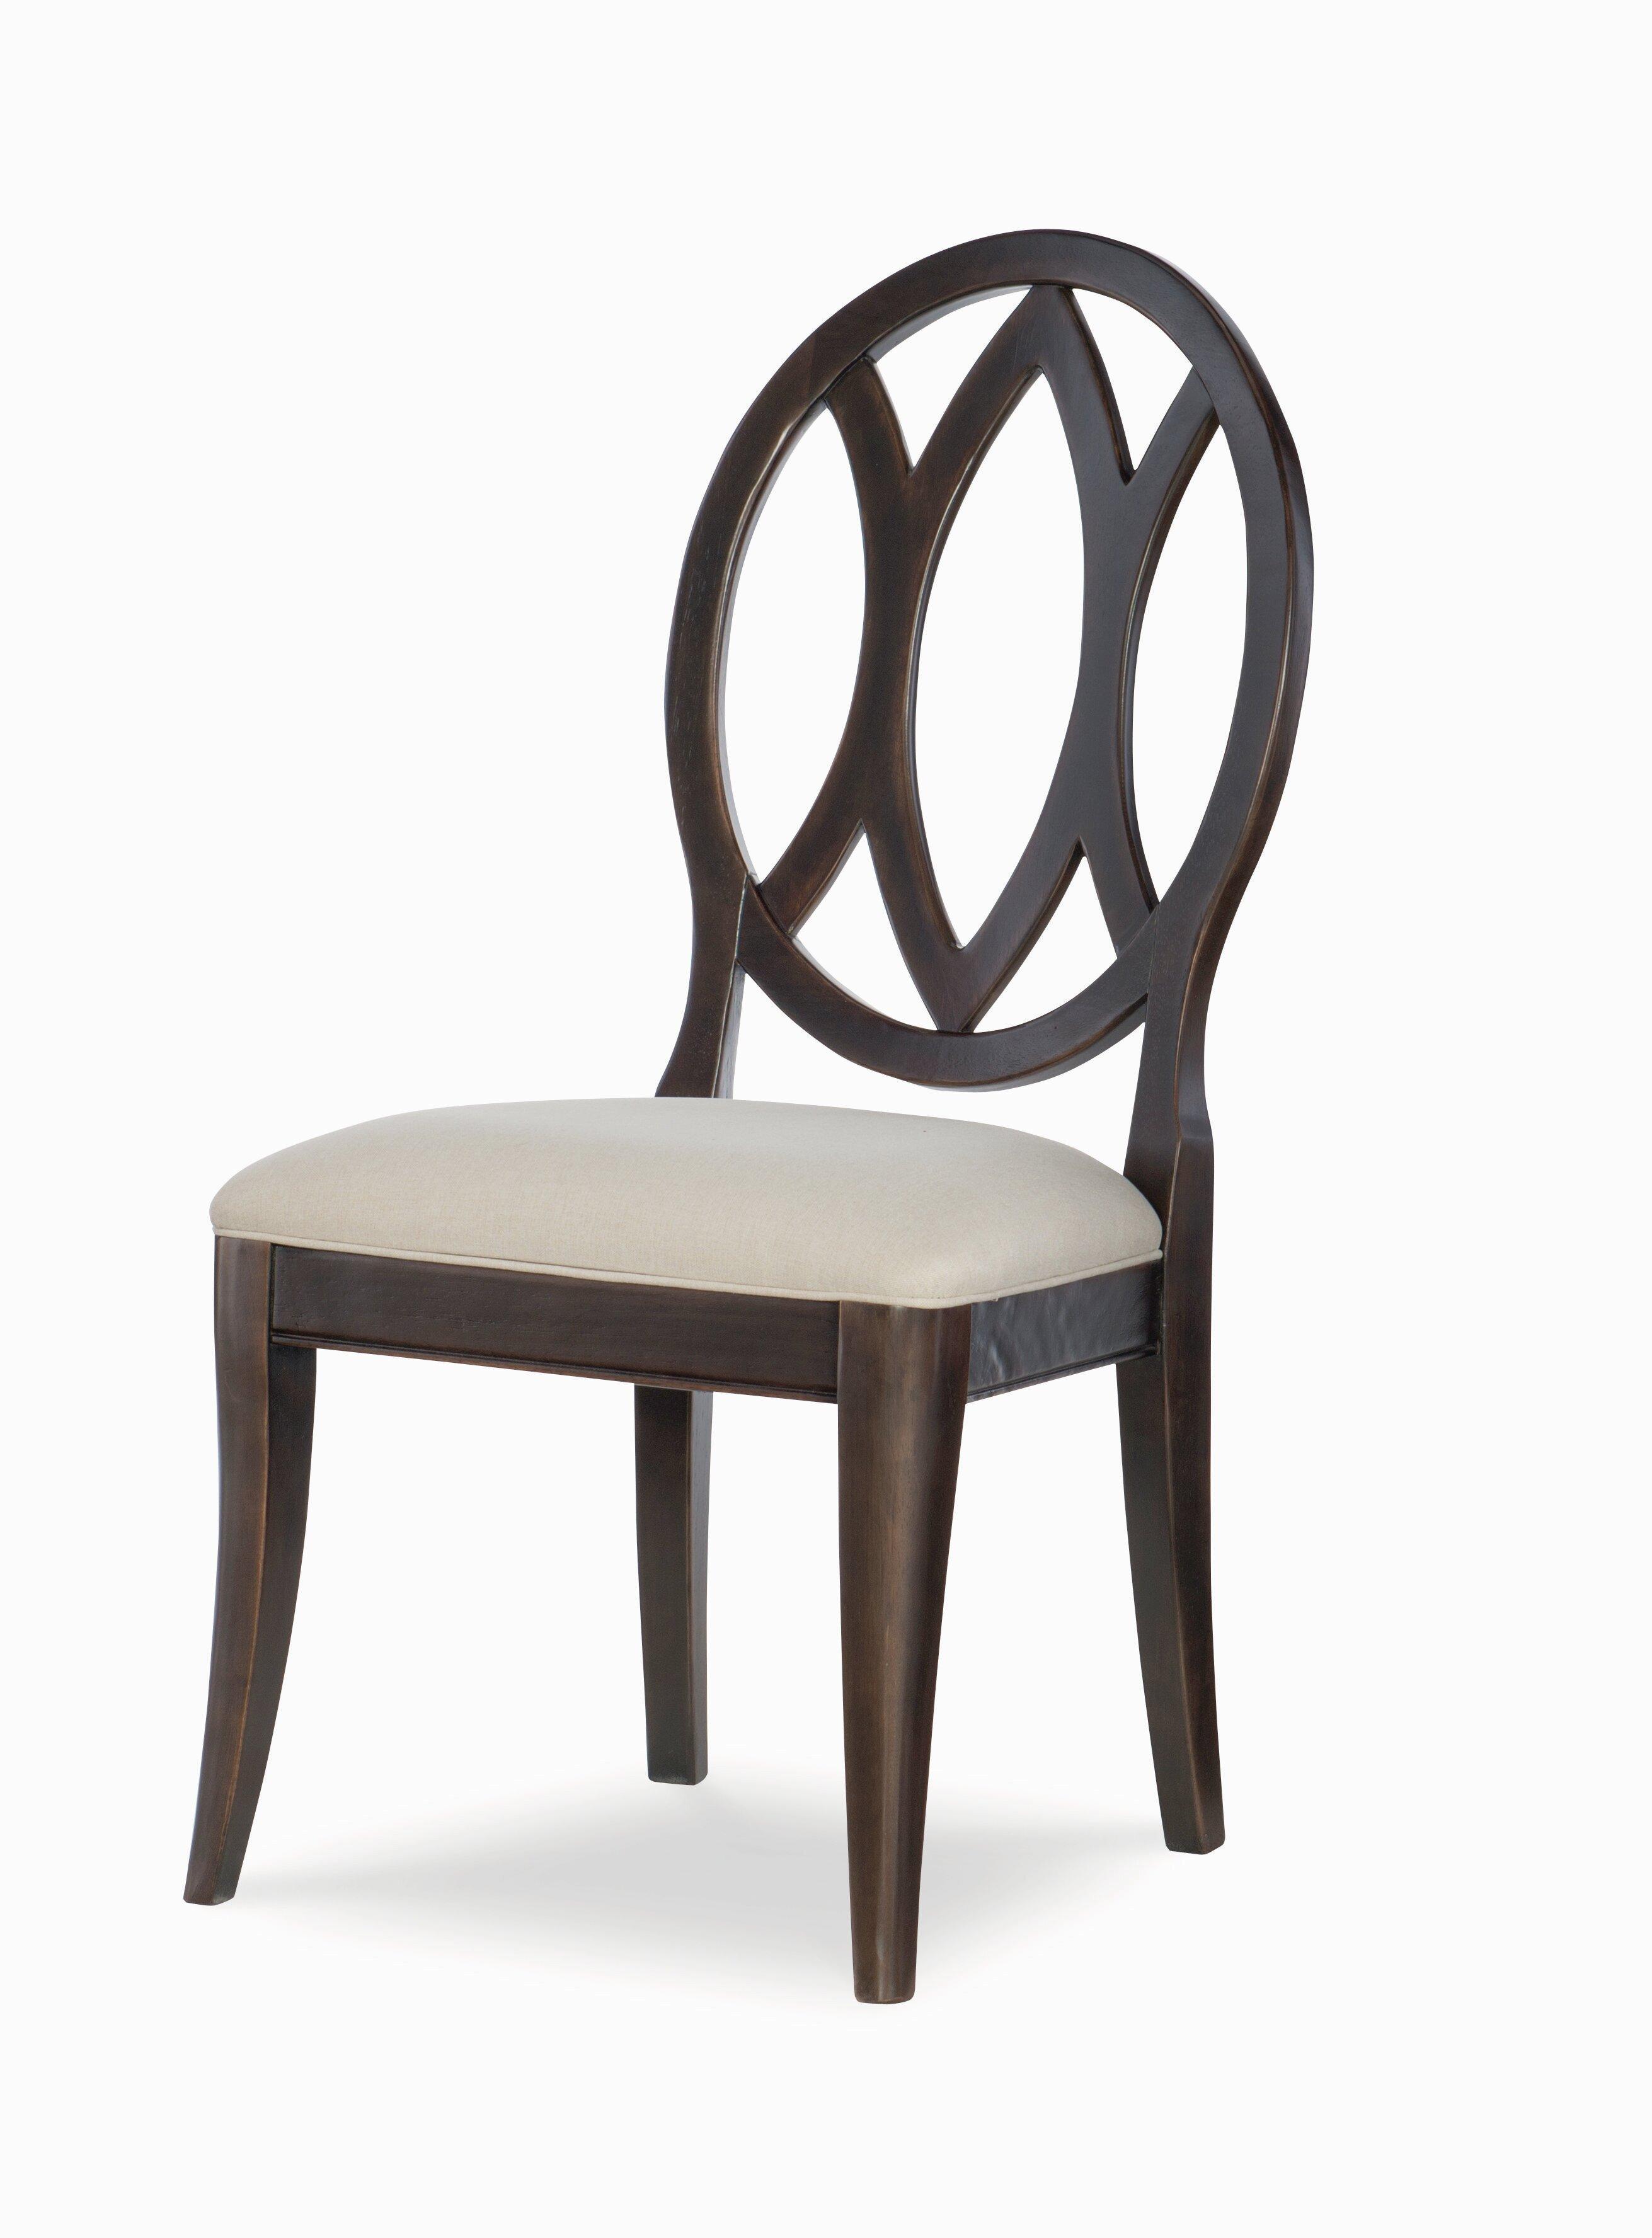 Rachael ray home oval back dining chair wayfair